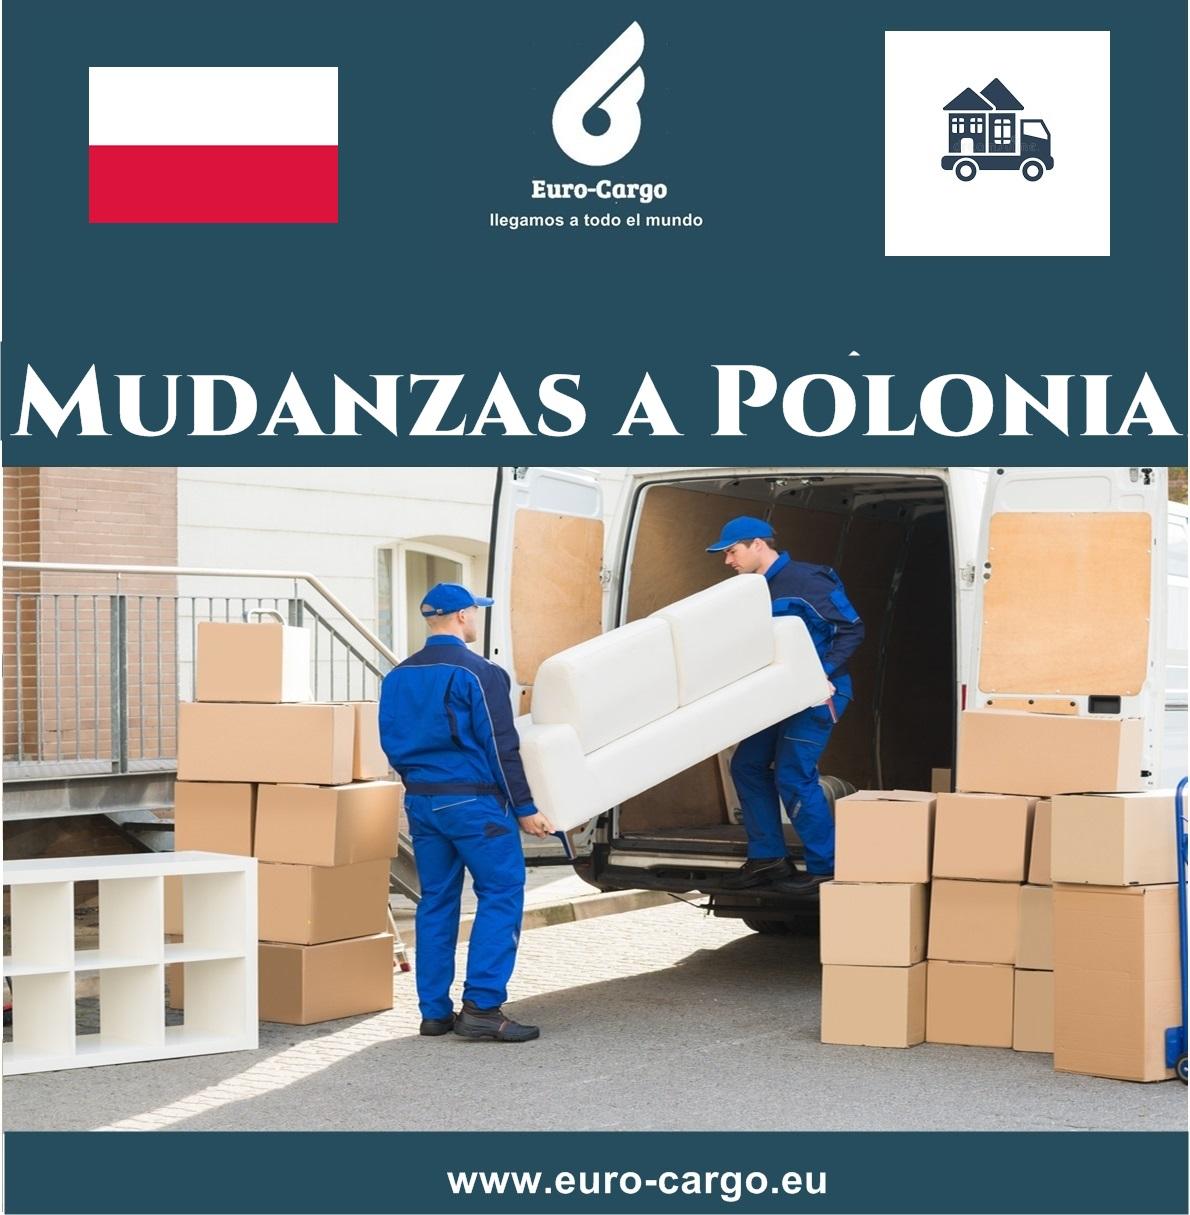 Mudanzas-a-Polonia.jpg